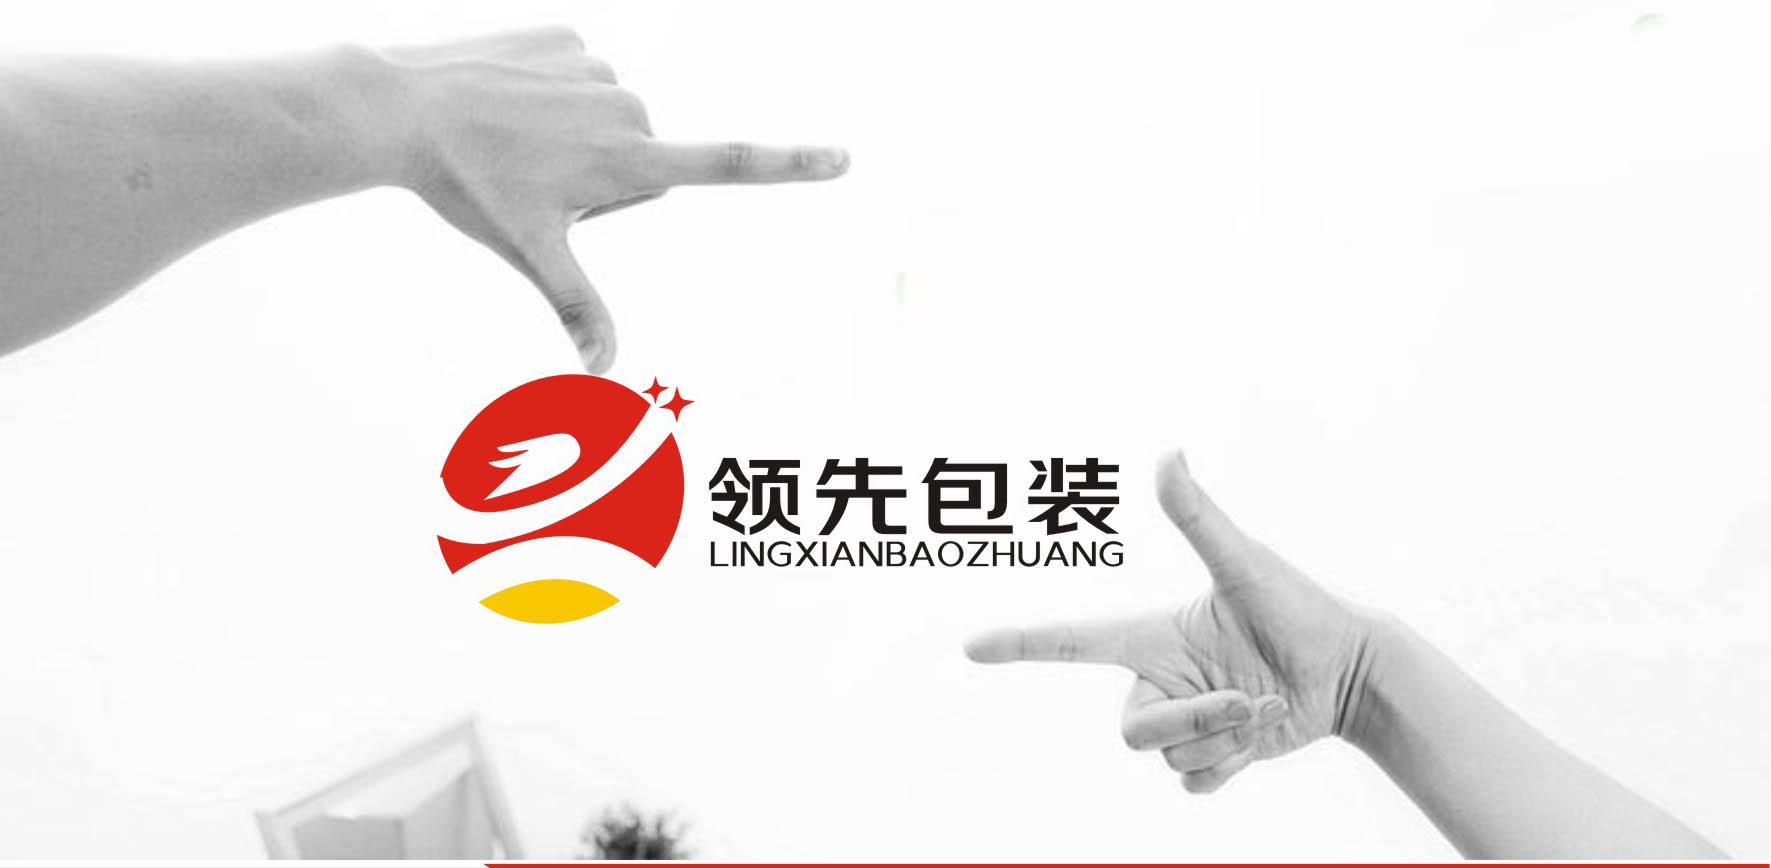 领先包装材料有限公司 logo设计_3036834_k68威客网